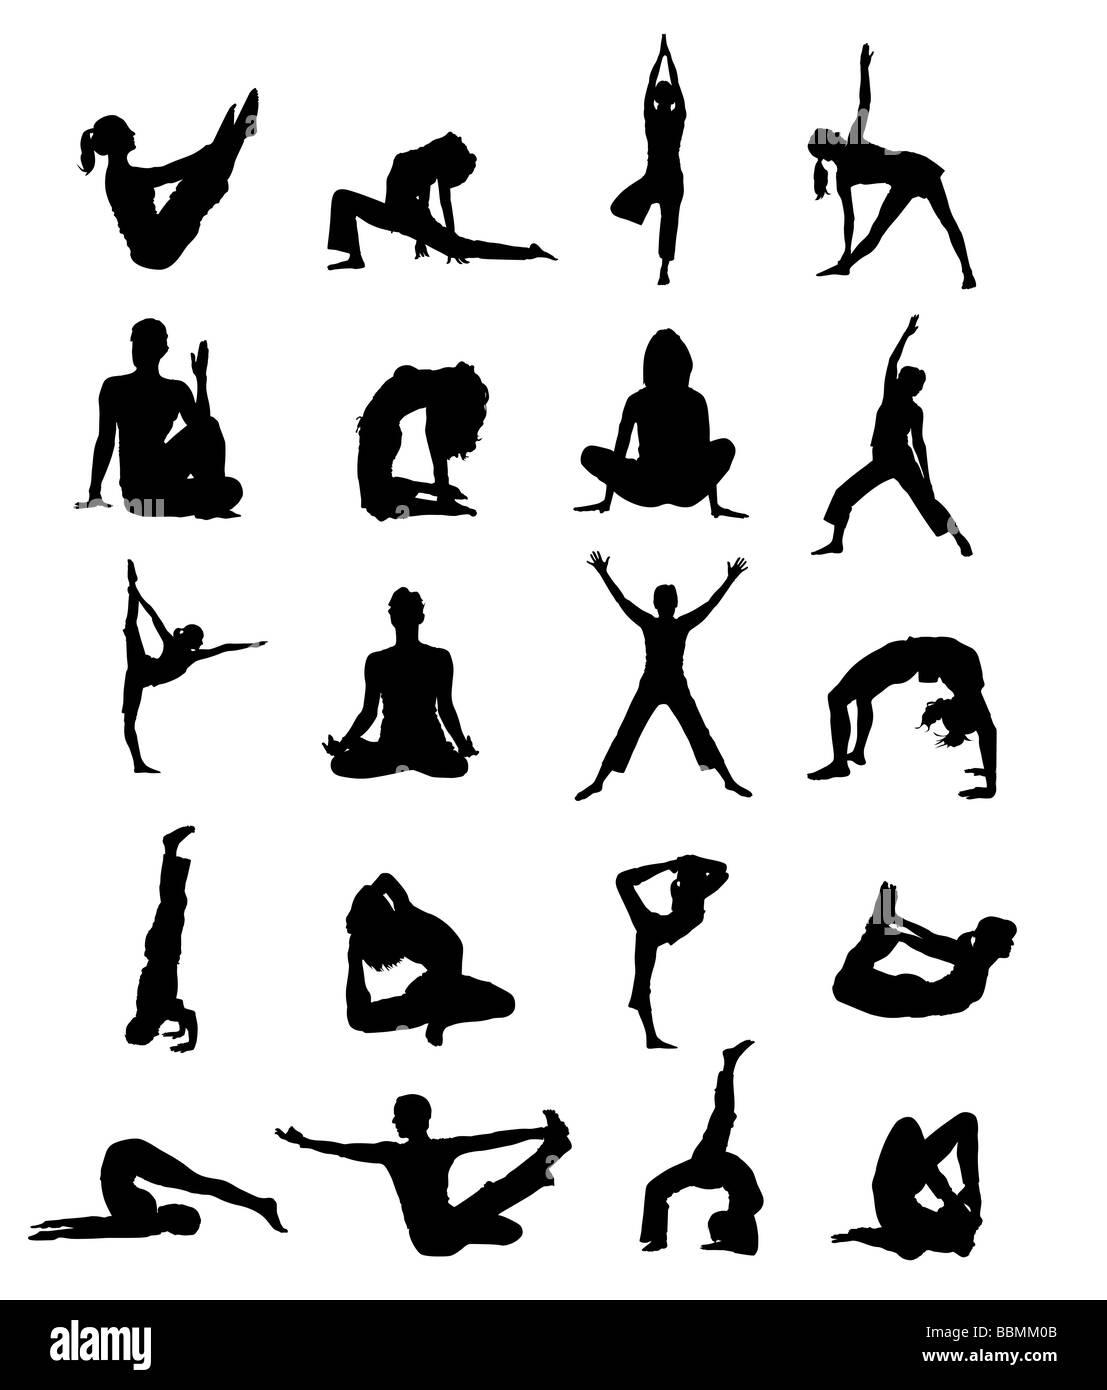 Illustrazione grafica silhouette persone joga palestra sportiva Immagini Stock